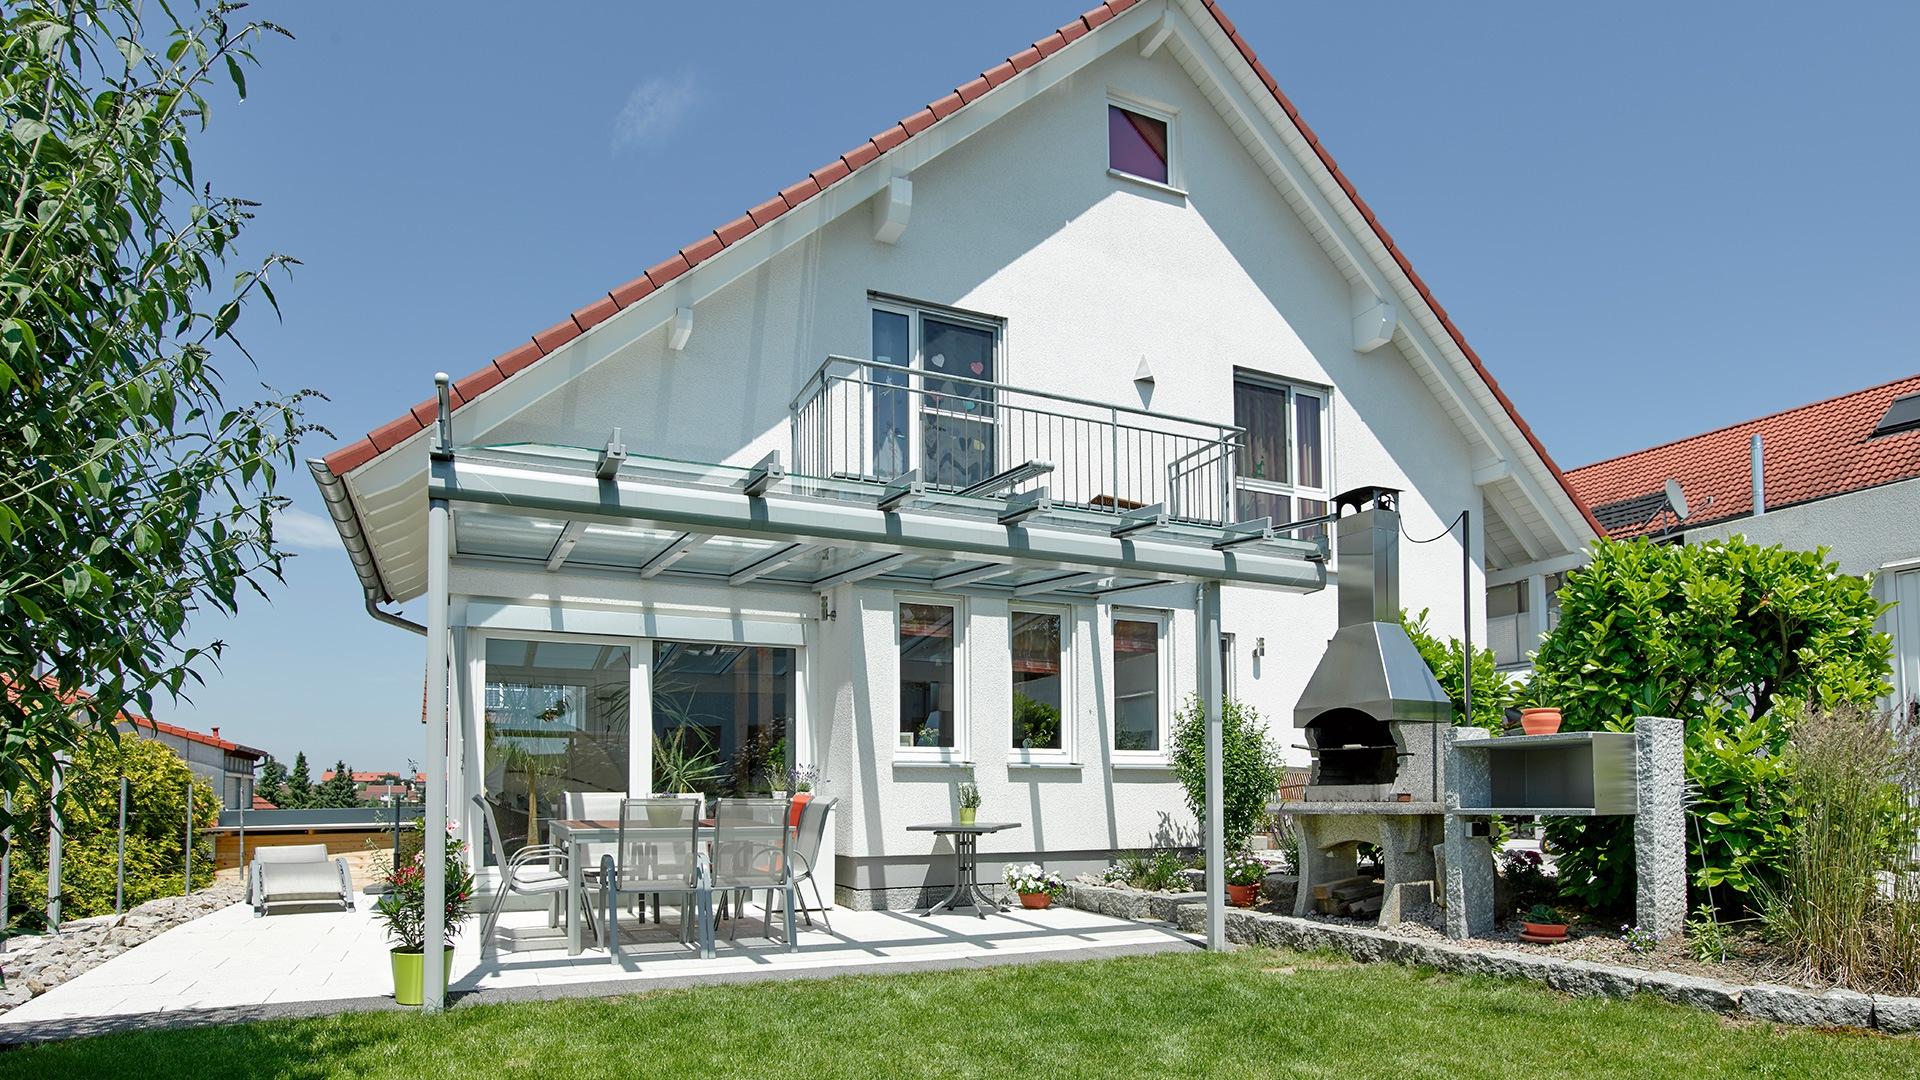 zanker jardino 02 - Sonnenschutz für Balkon und Terrasse